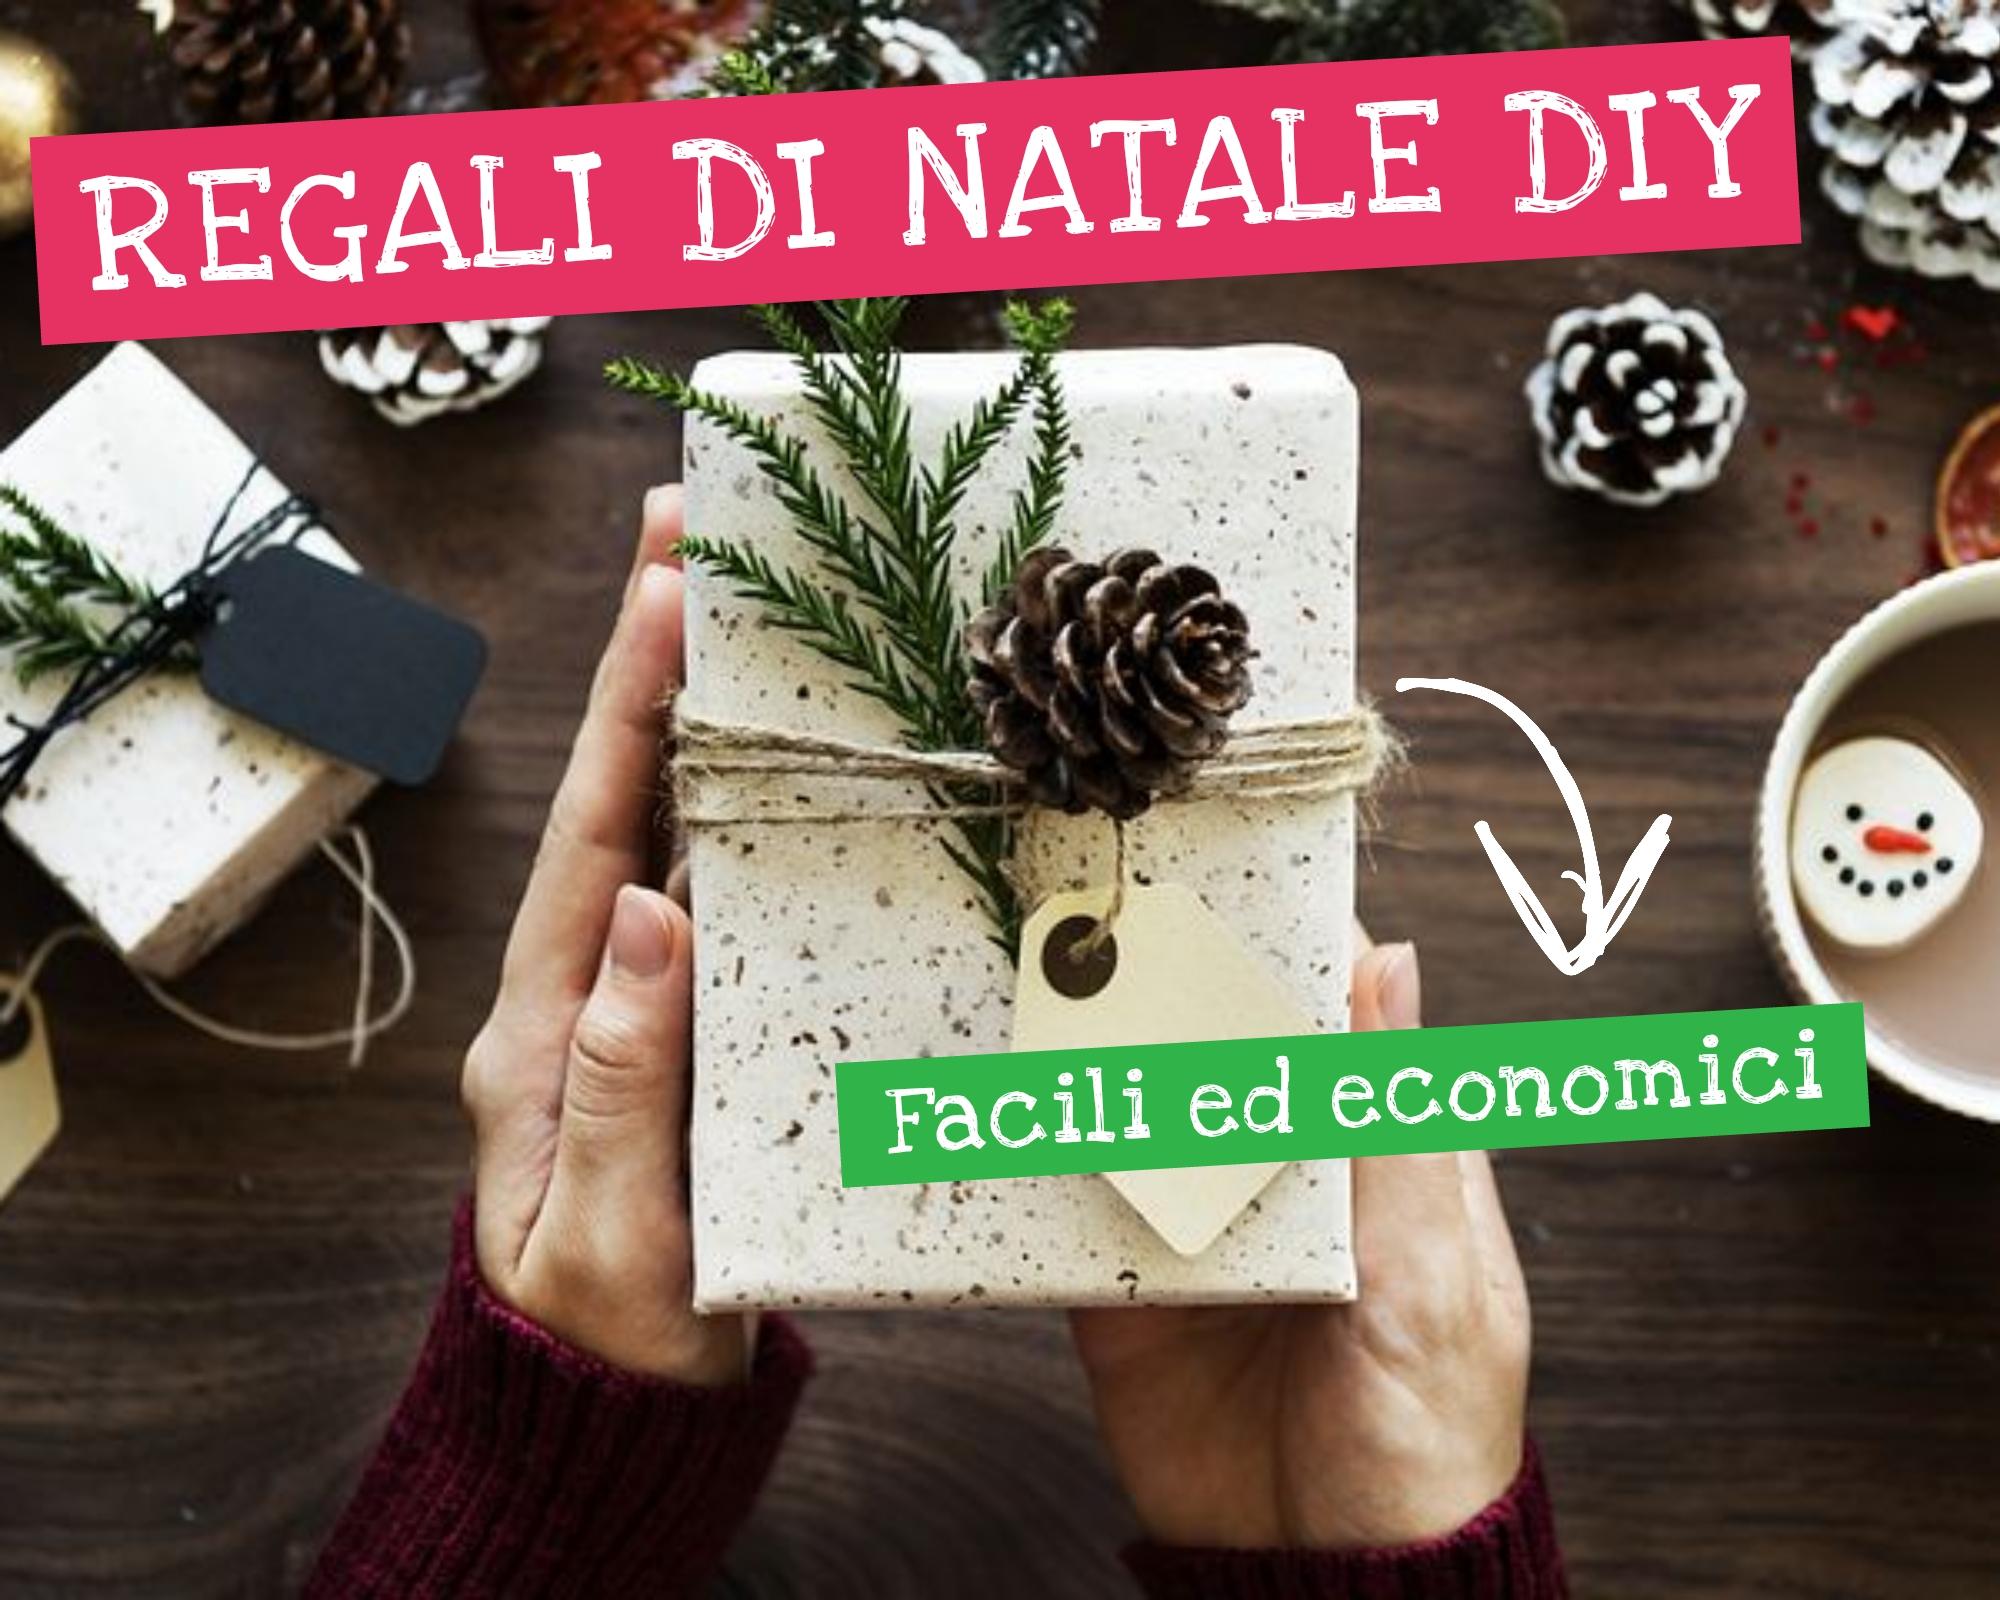 Regali Di Natale Gastronomici Fatti In Casa.Regali Di Natale Gastronomici Facili Ed Economici 4 Idee Diy